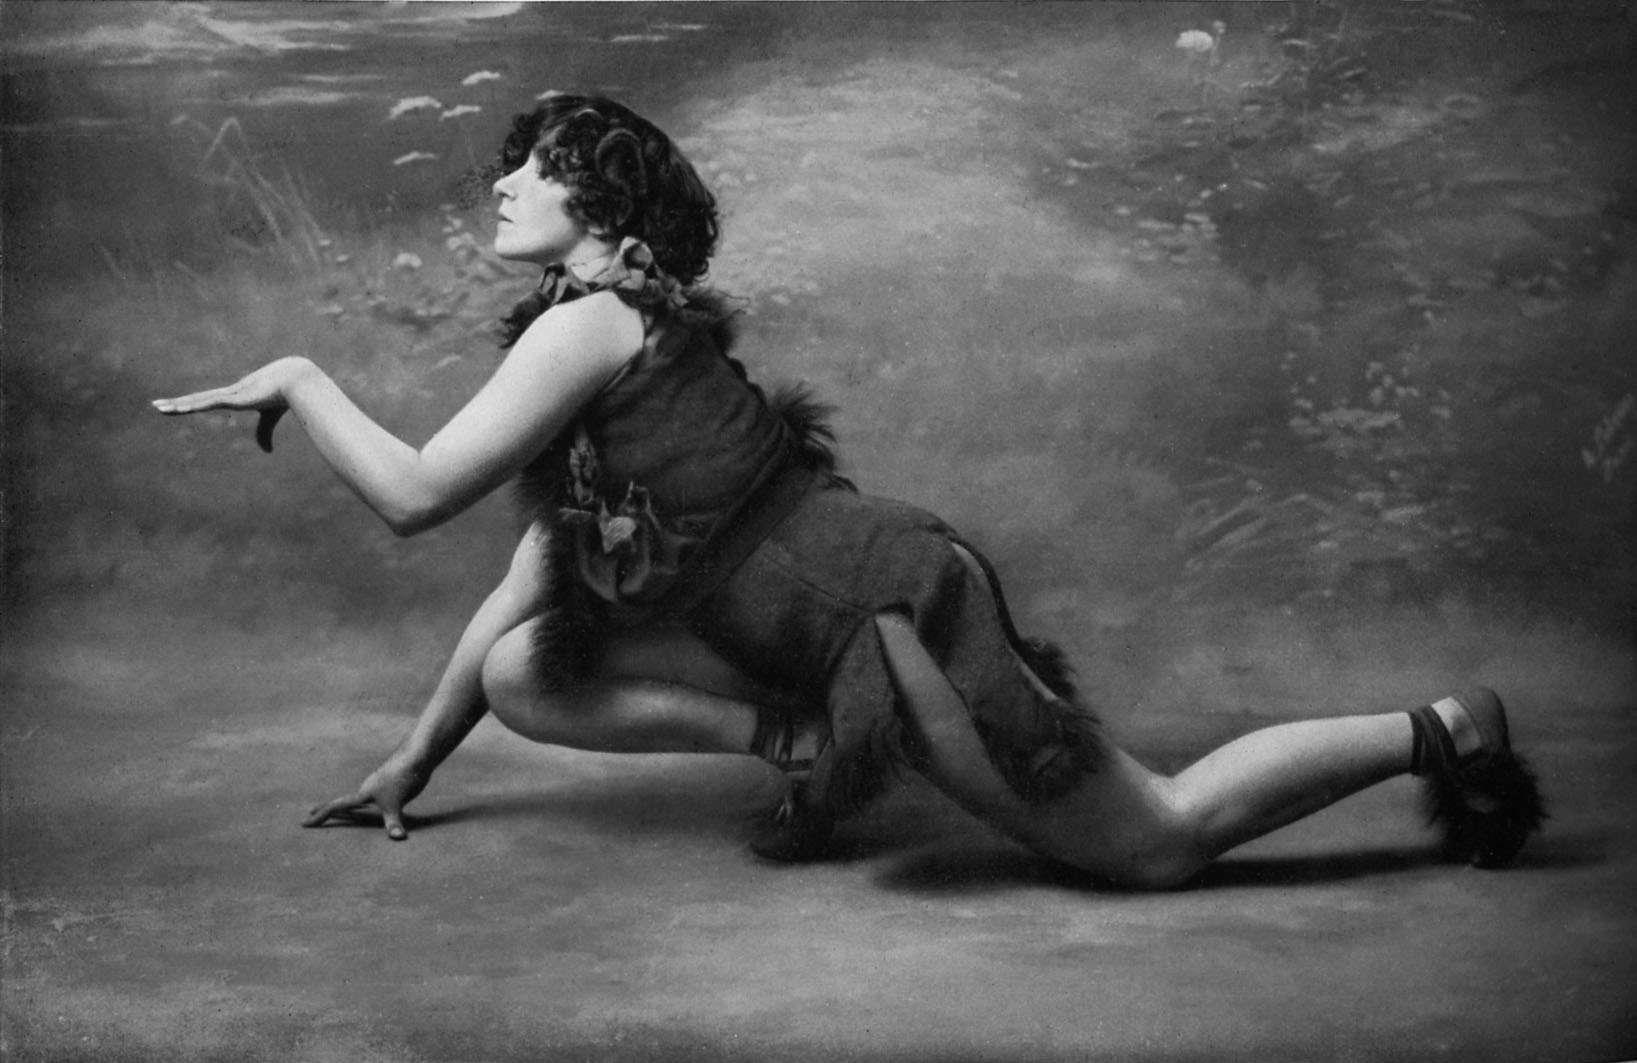 Colette medio arrodillada en el escenario con un traje sin mangas y una falda rajada